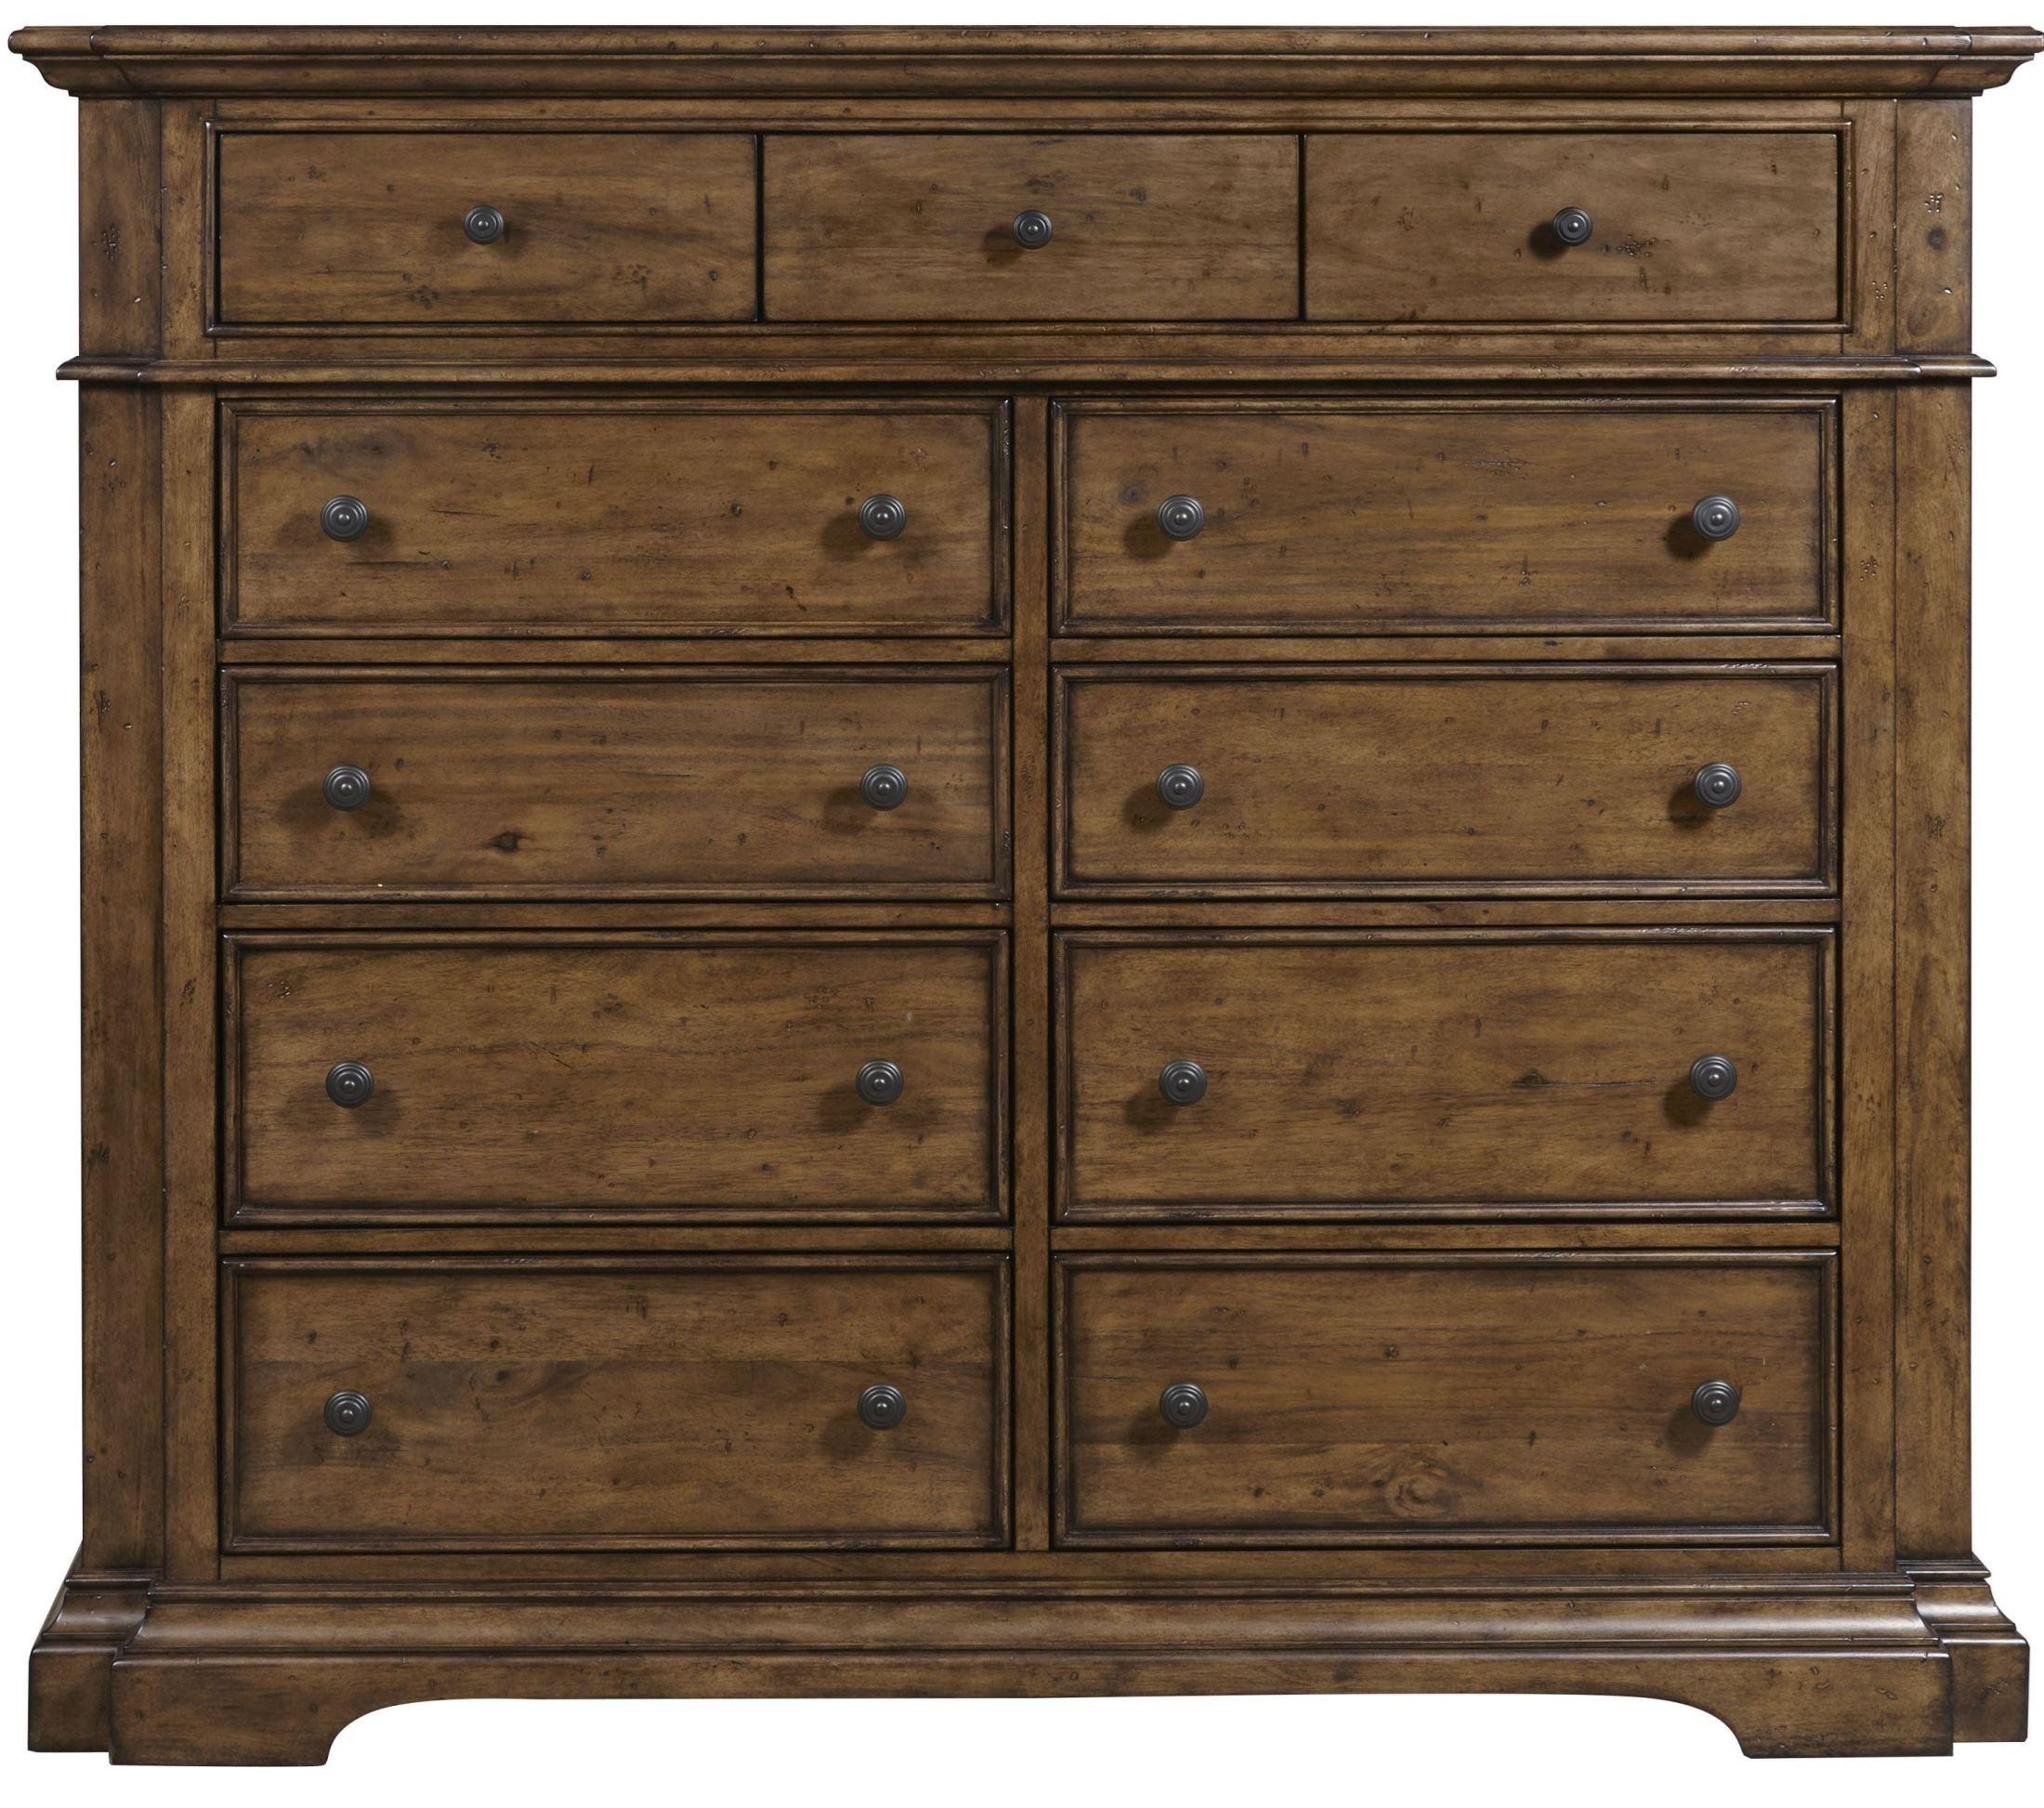 Le Grand 6 Drawer Dresser In Antique White: Reddington 11 Drawer Master Chest From Pulaski (241127